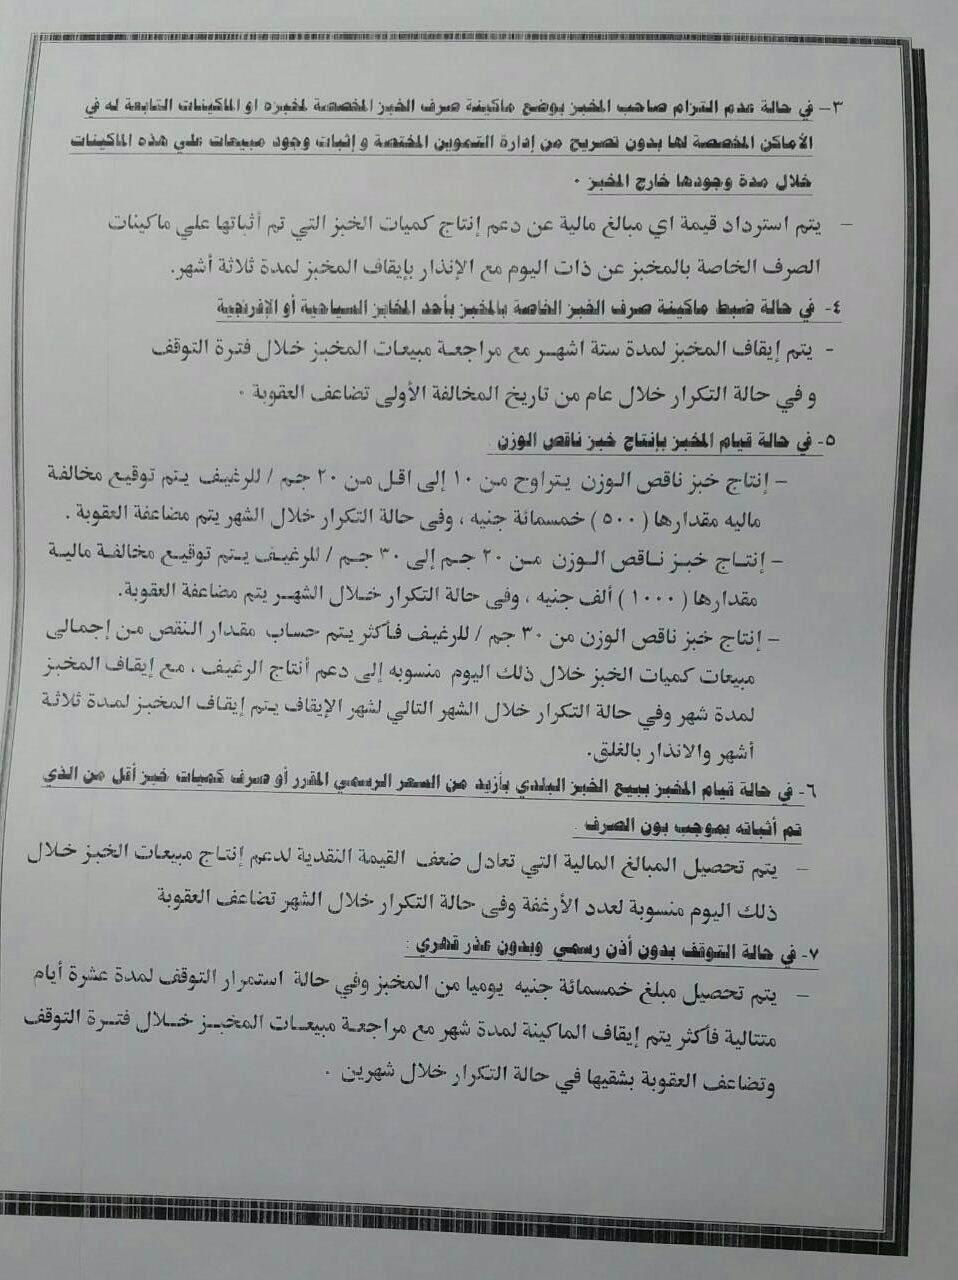 عقد الاتفاق بين التموين والمخابز والمطاحن لإنتاج الخبز المدعم  (4)